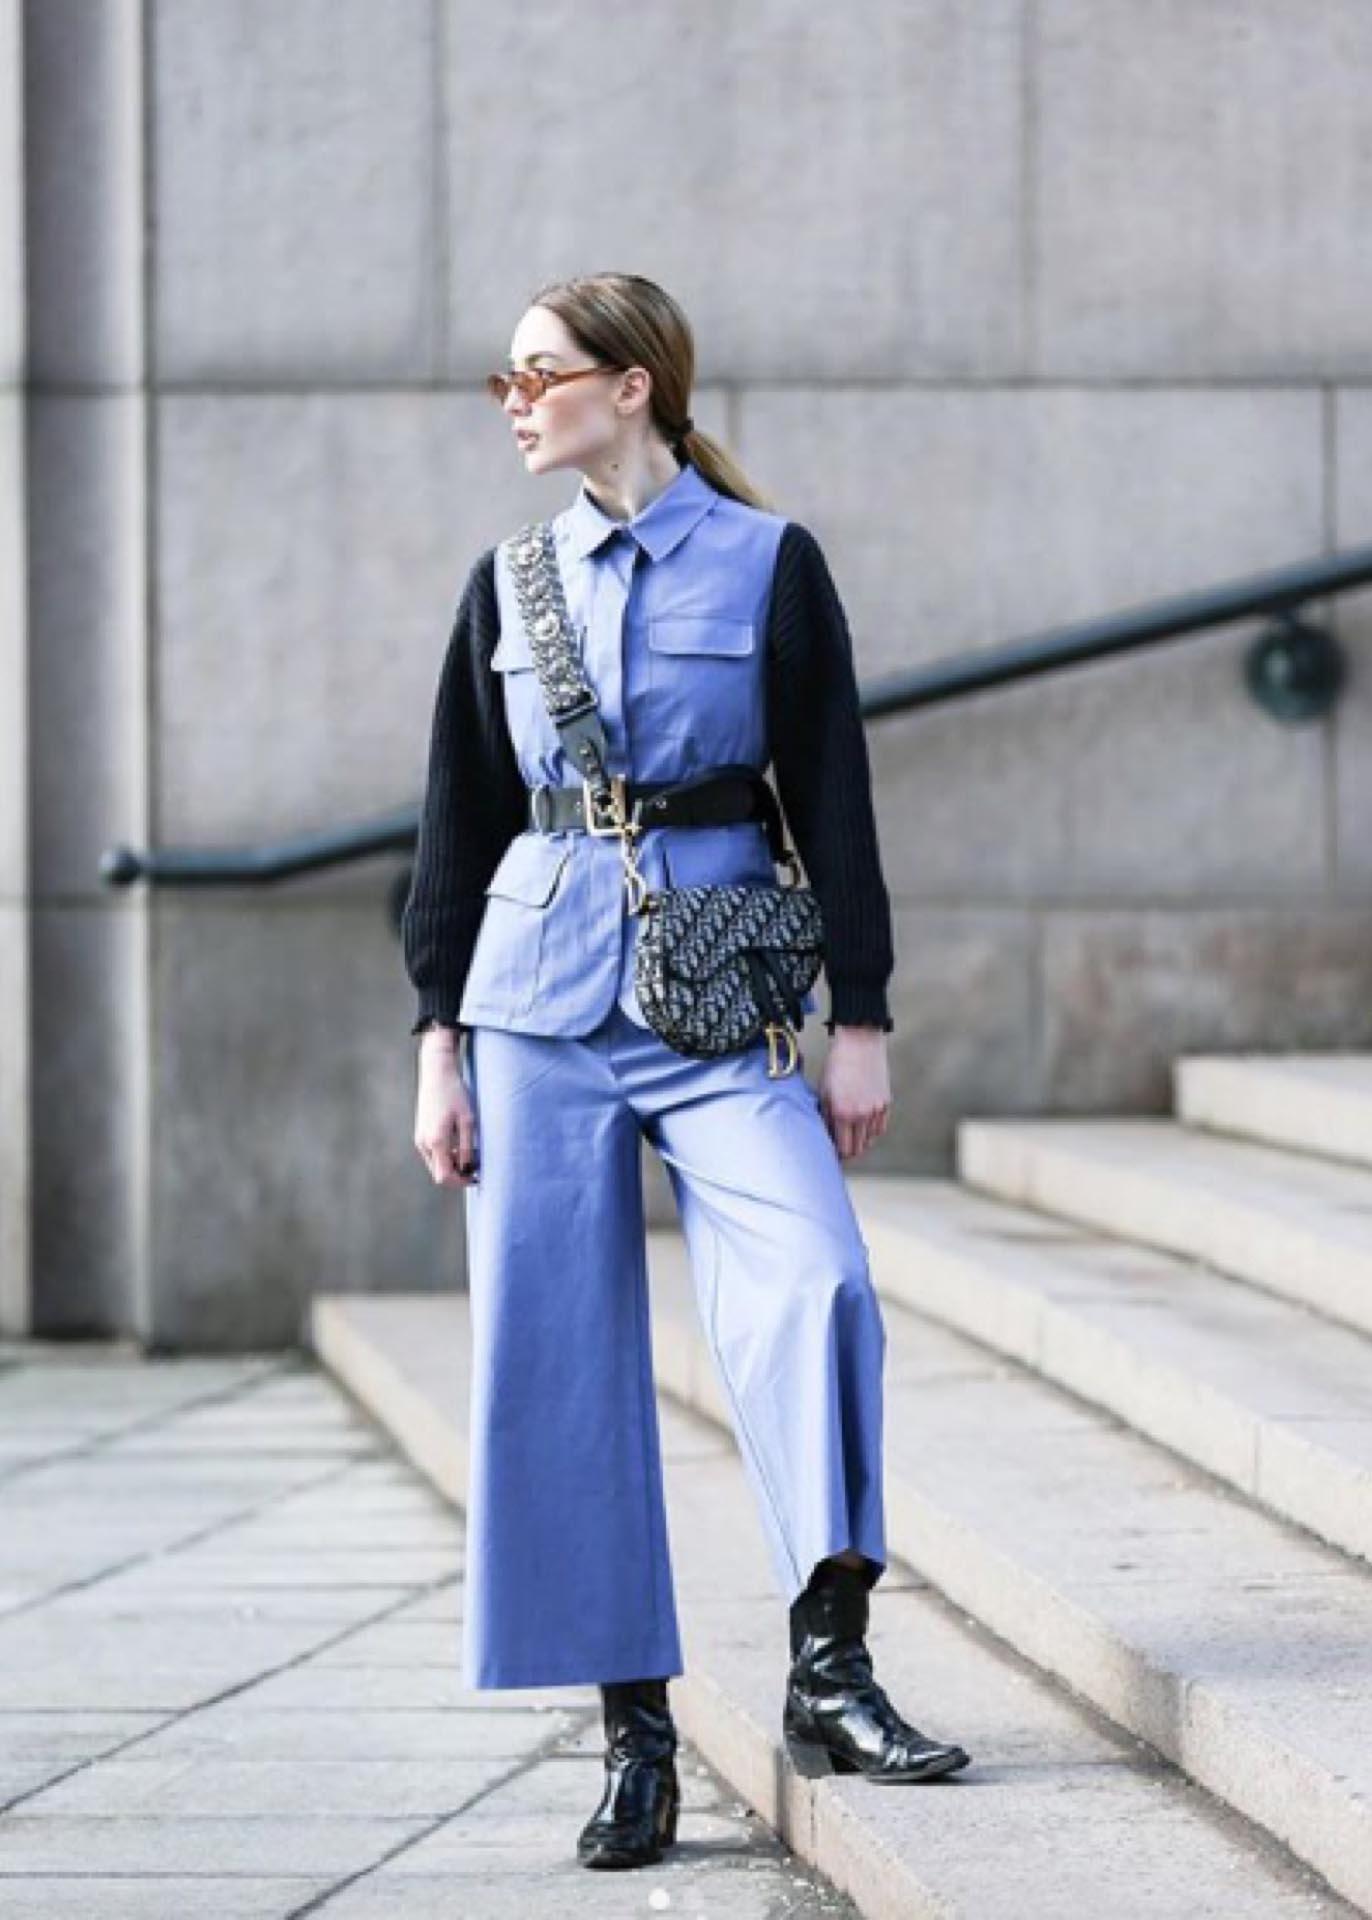 Otro estilo de chaqueta con cinturón ancho.